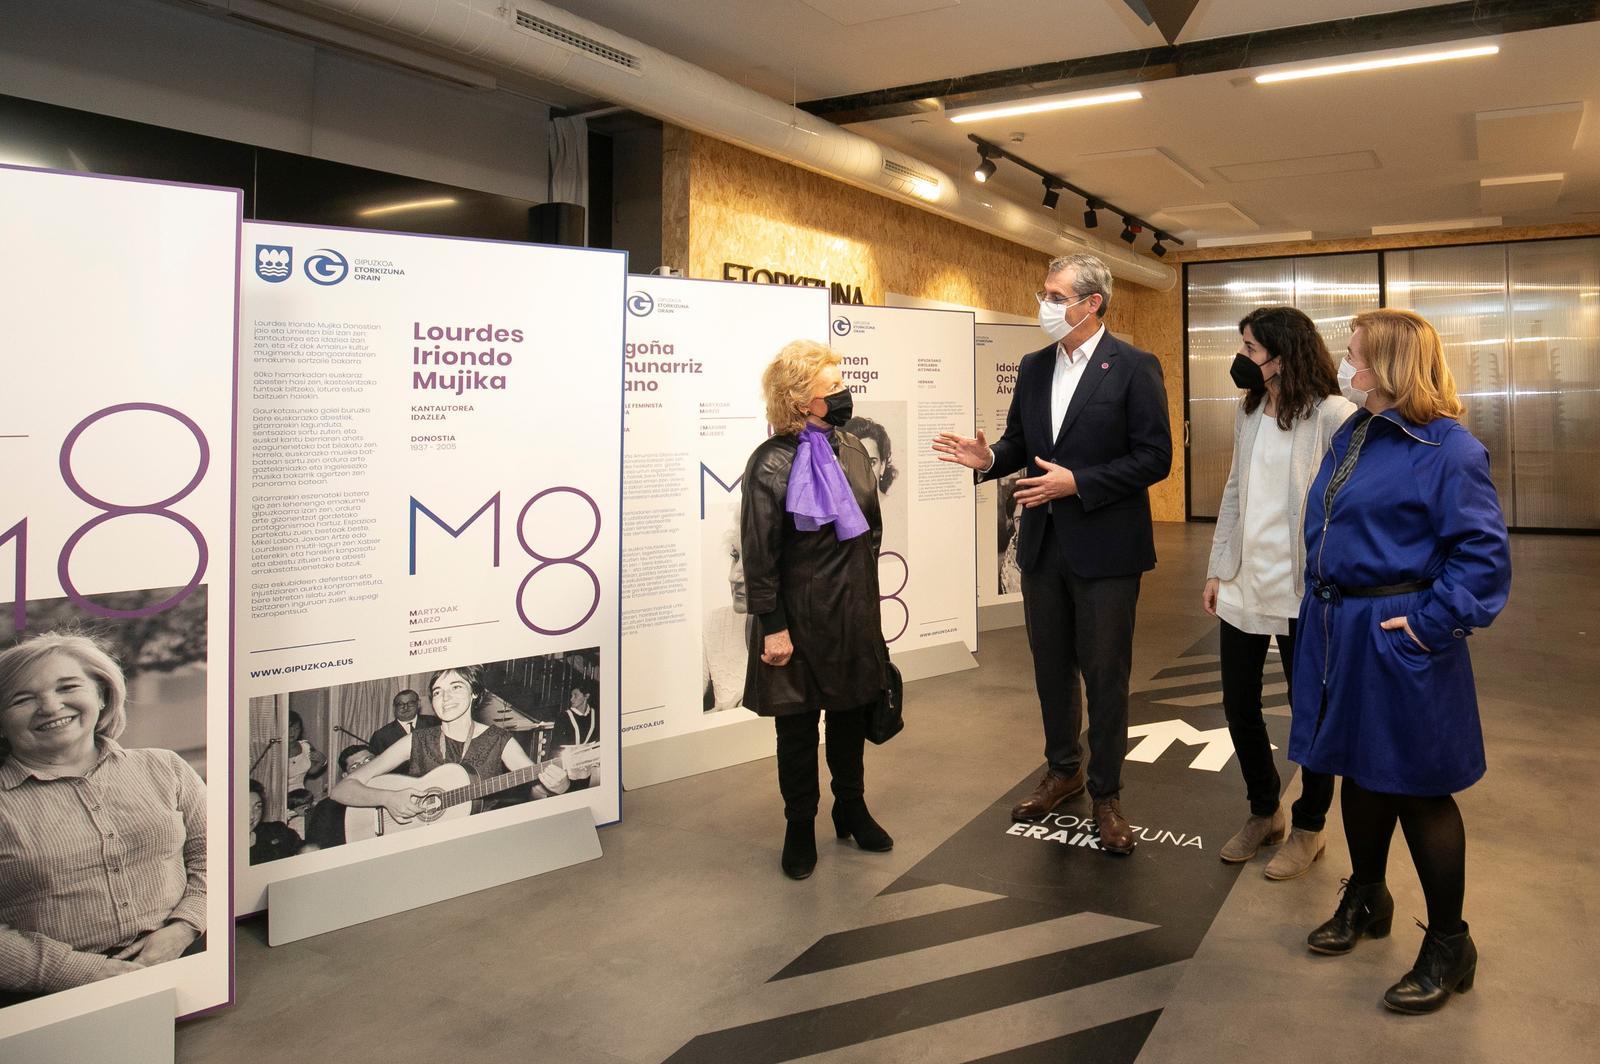 Markel Olano con tres de las gipuzkoanas presentes en la exposición: Ana Belén Juaristi Urdangarin, Begoña Amunarriz Olano e Idoia Ochoa Álvarez. Fotógrafa: Sara Santos